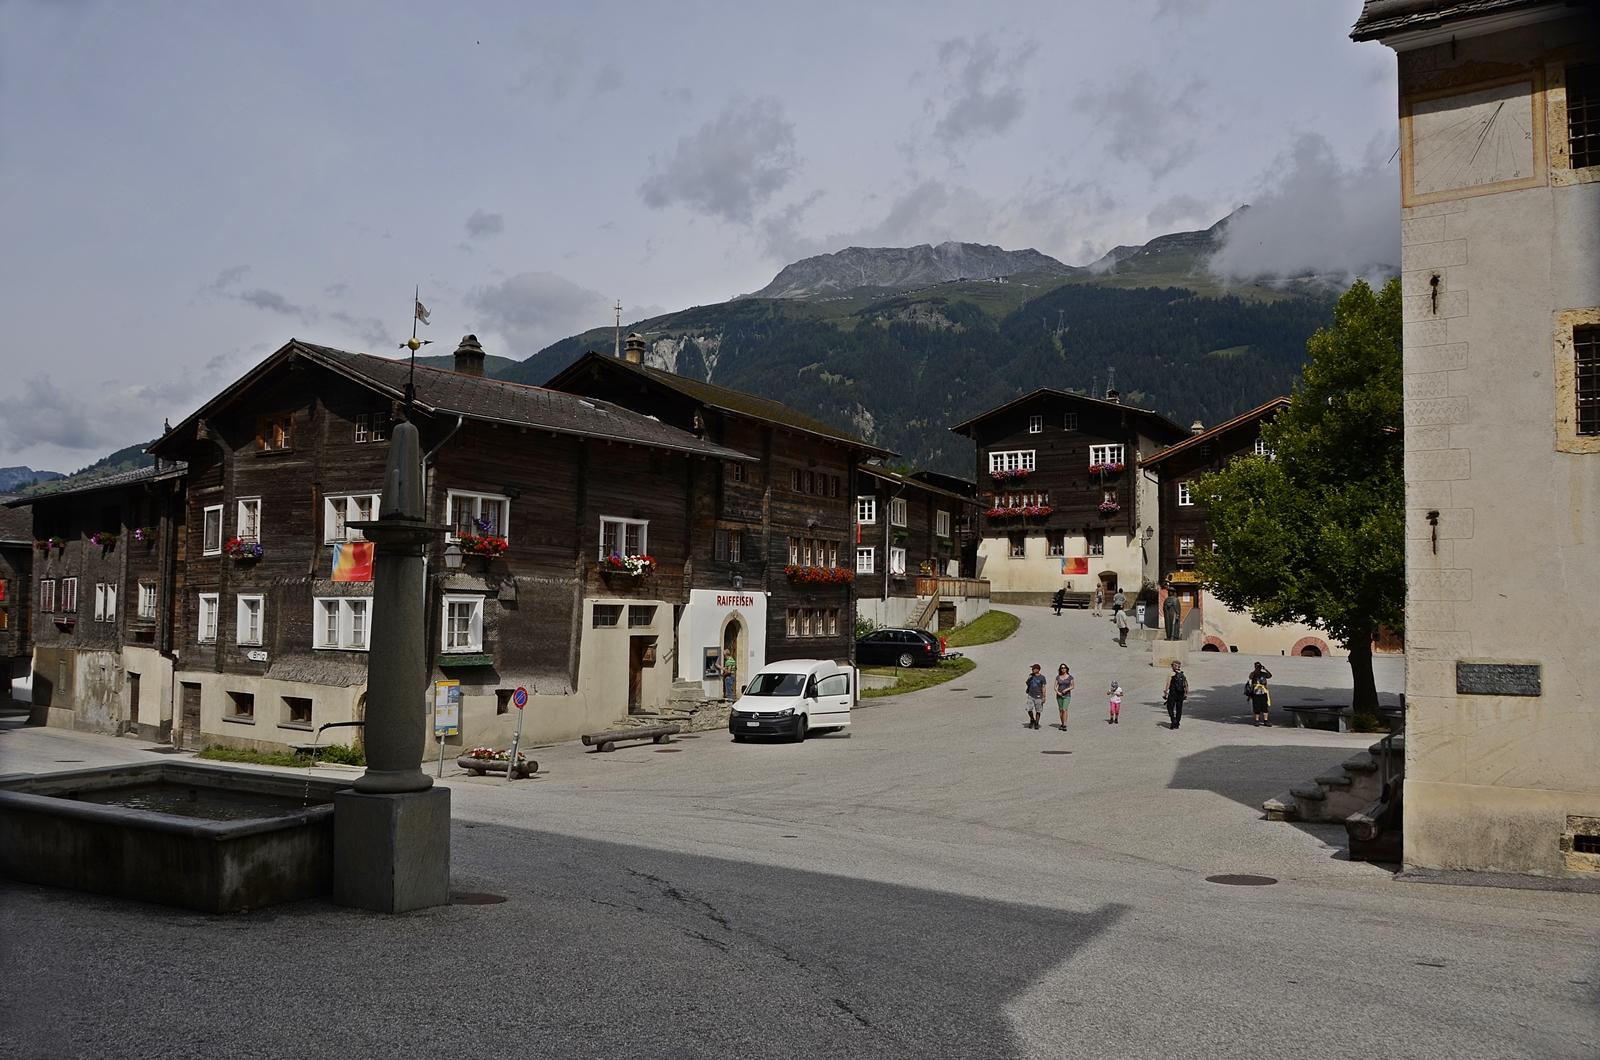 Hengart, der Dorfplatz in Ernen. Rechts das alte Rathaus mit Sonnenuhr